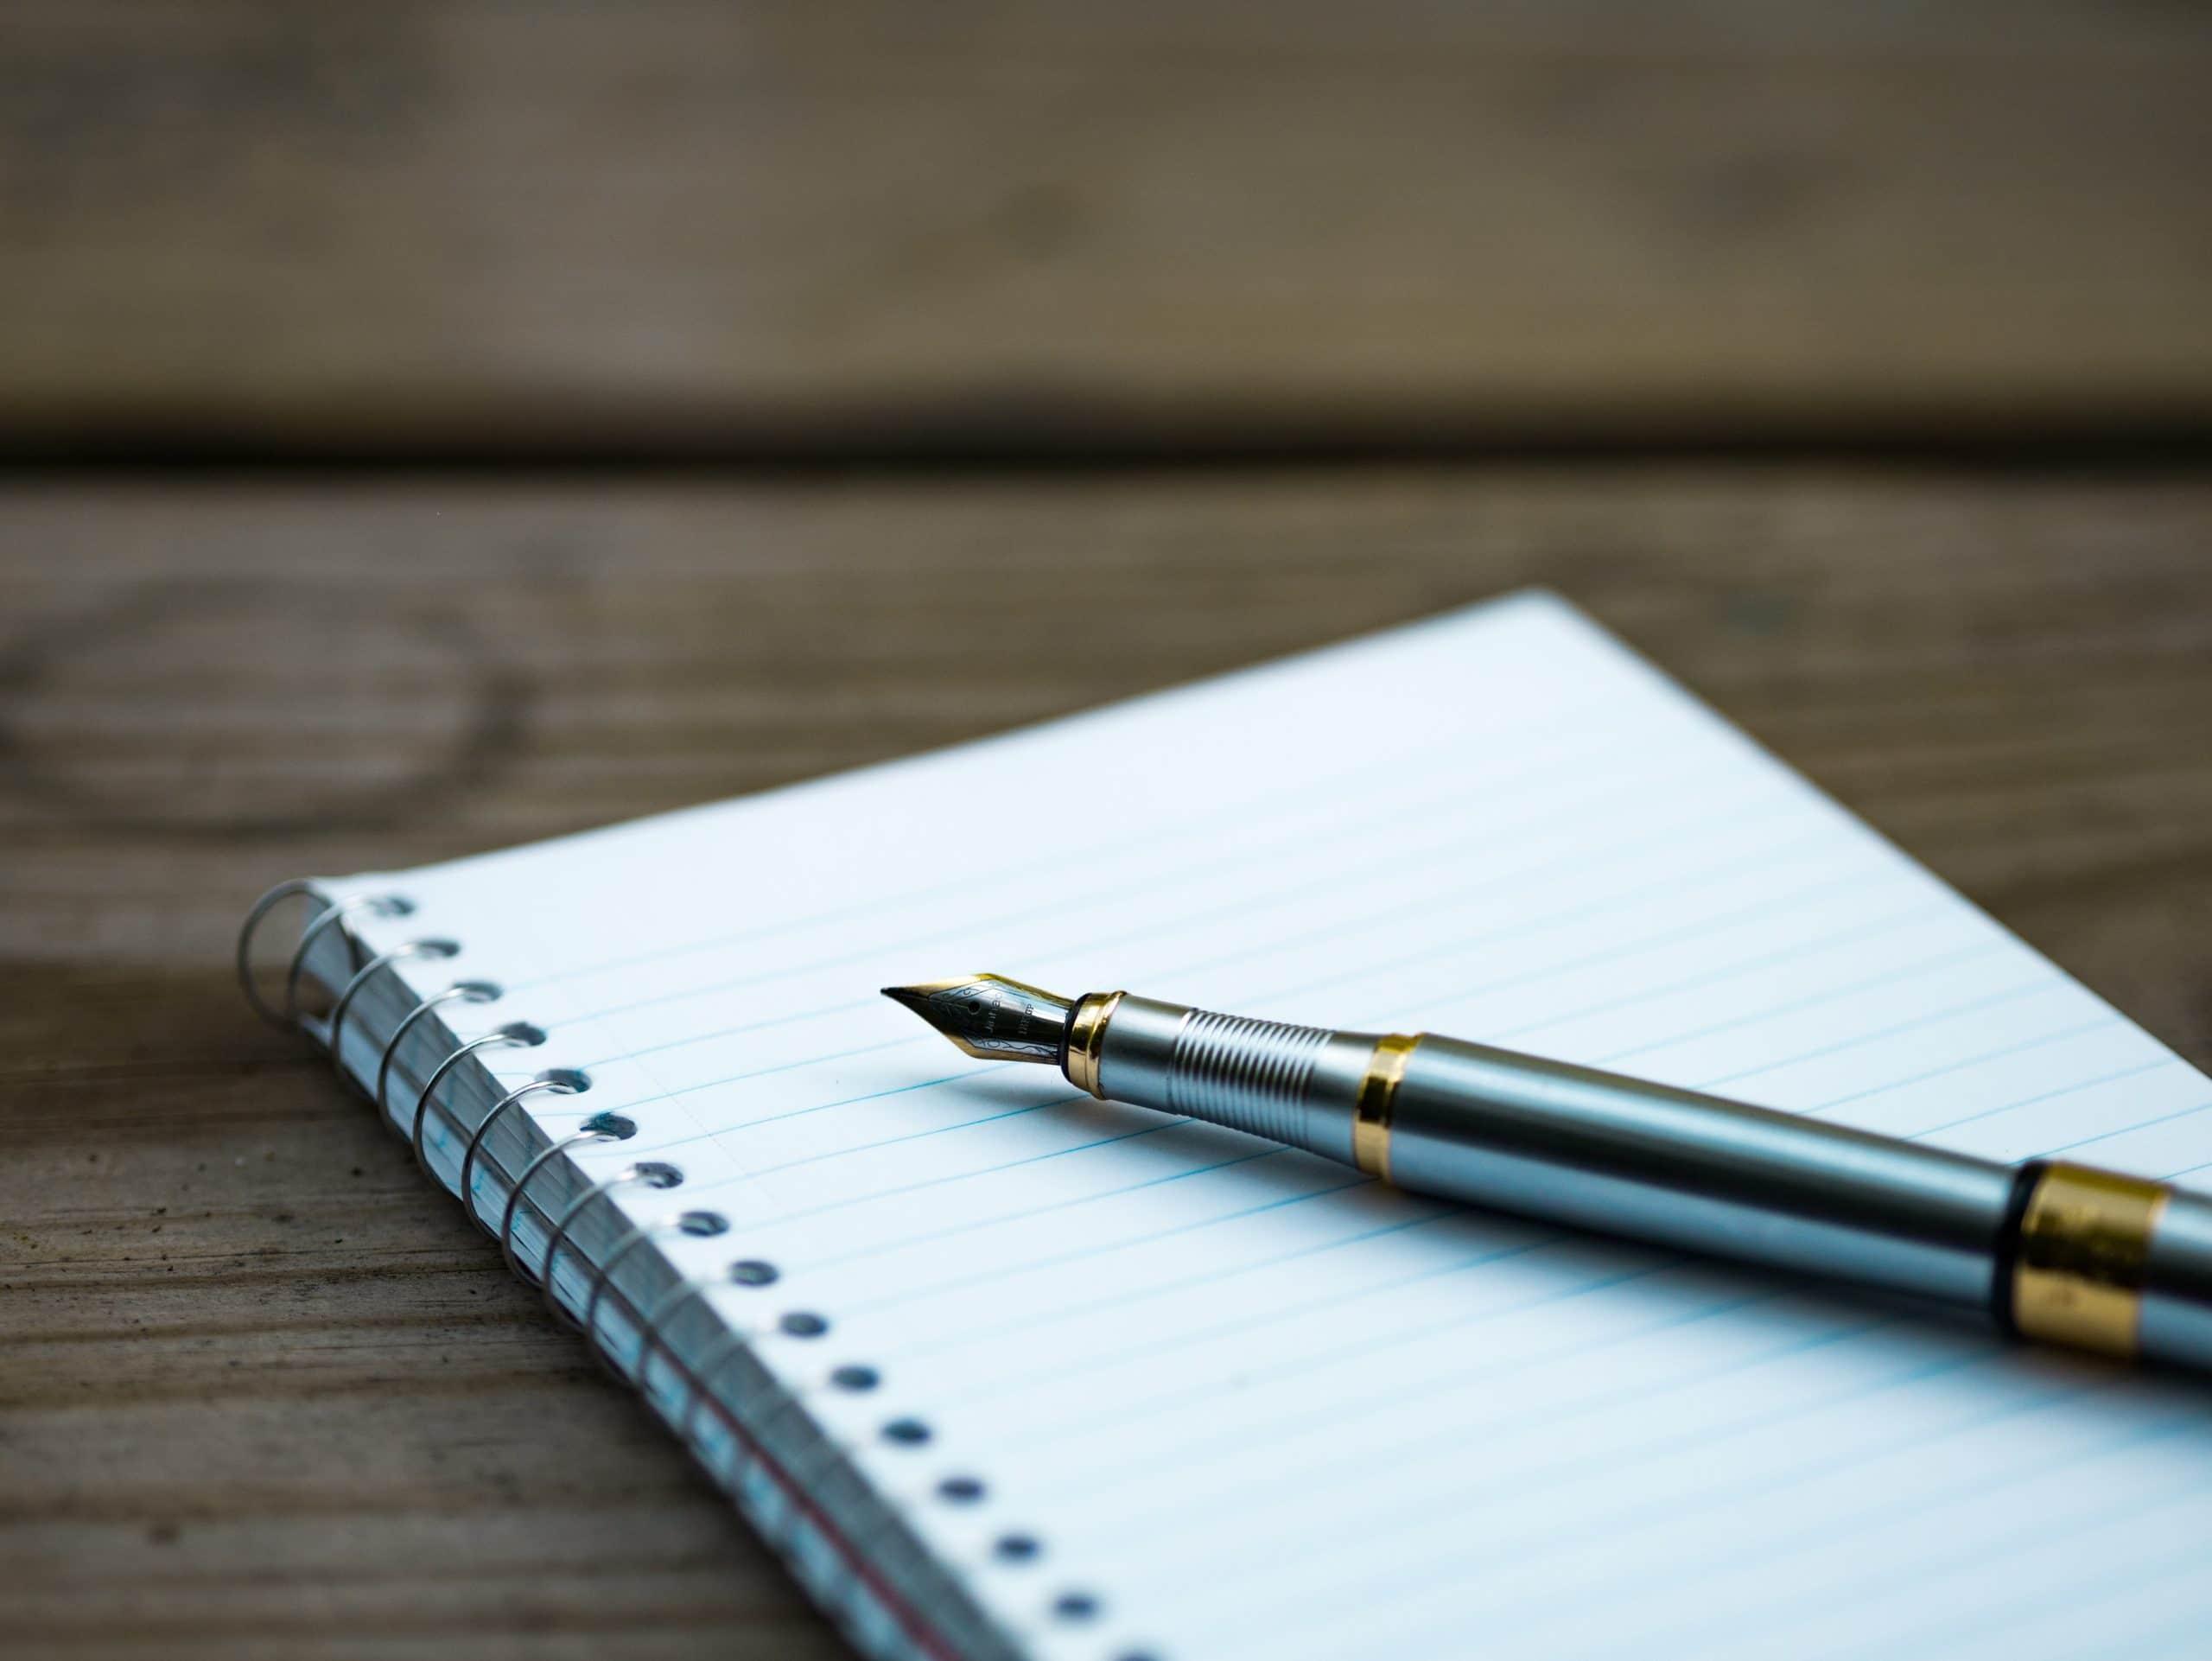 Un stylo plume et un cahier